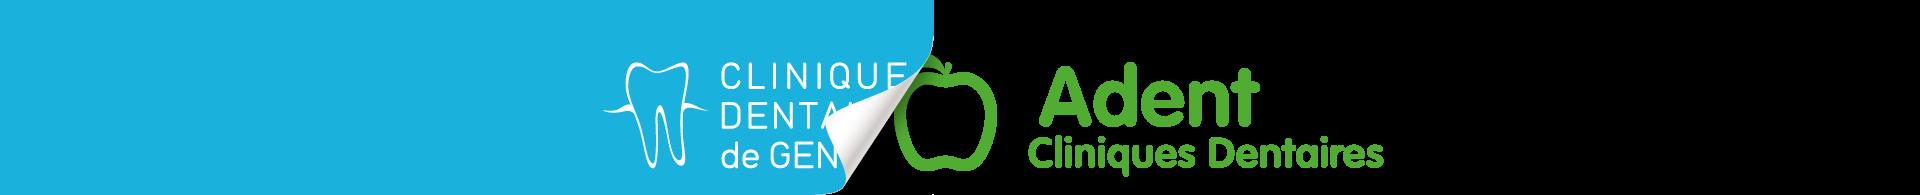 Clinique dentaire de Genève rejoint le réseau Adent